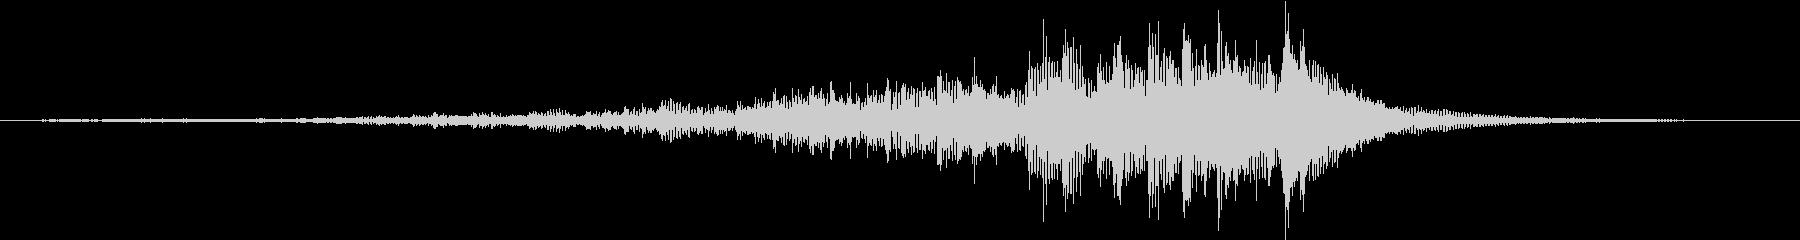 ティンパニ:ロールハイE、クレッシェンドの未再生の波形